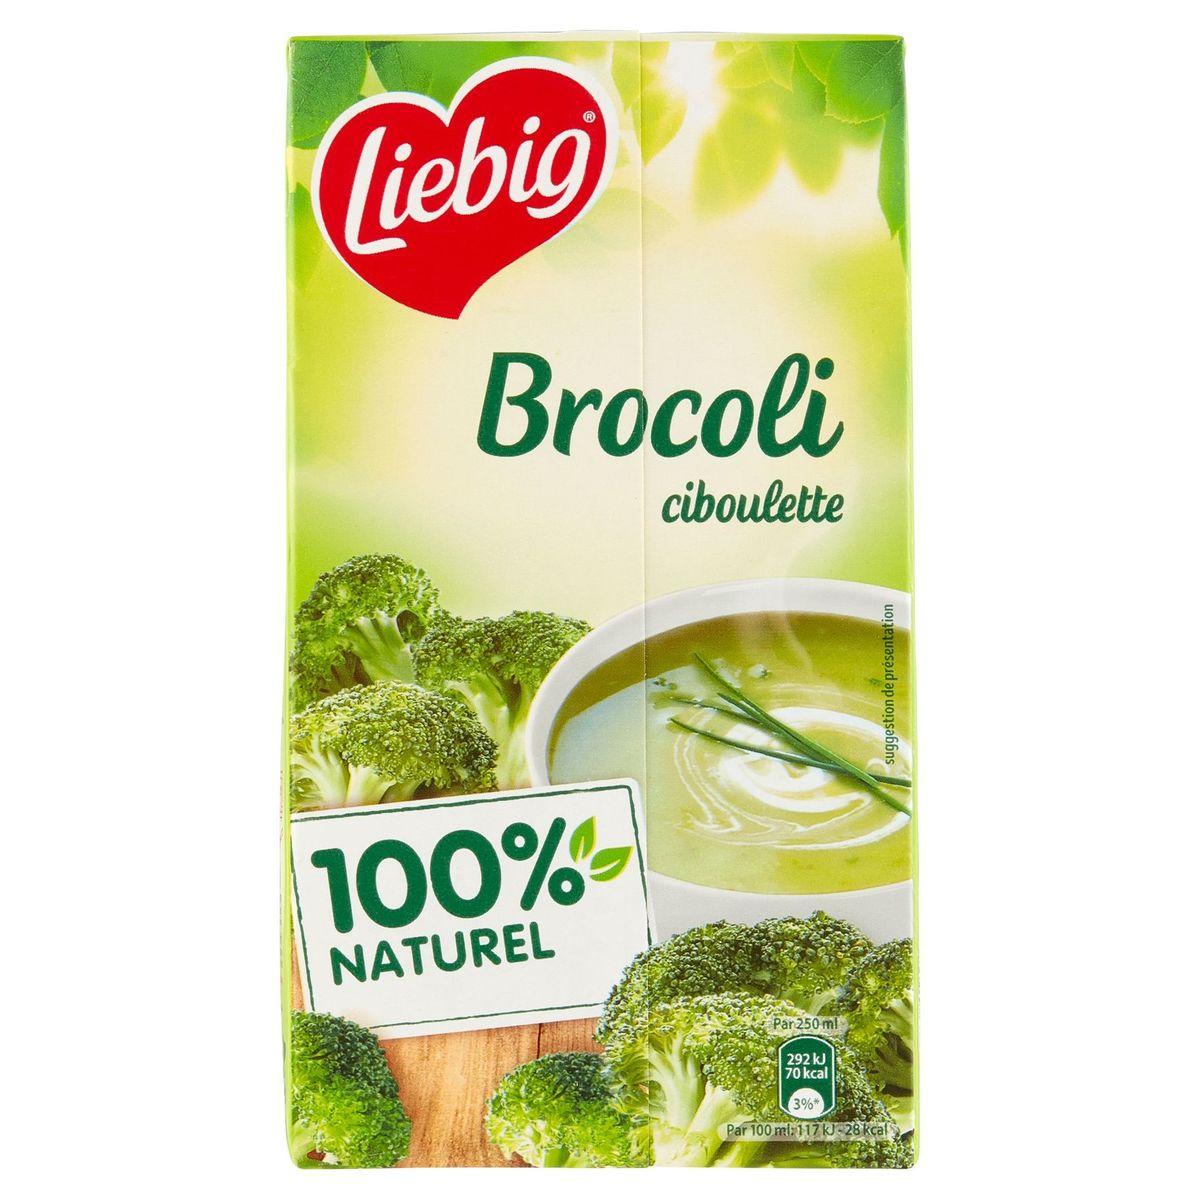 Liebig DéliSoup' Brocoli Ciboulette 1 L